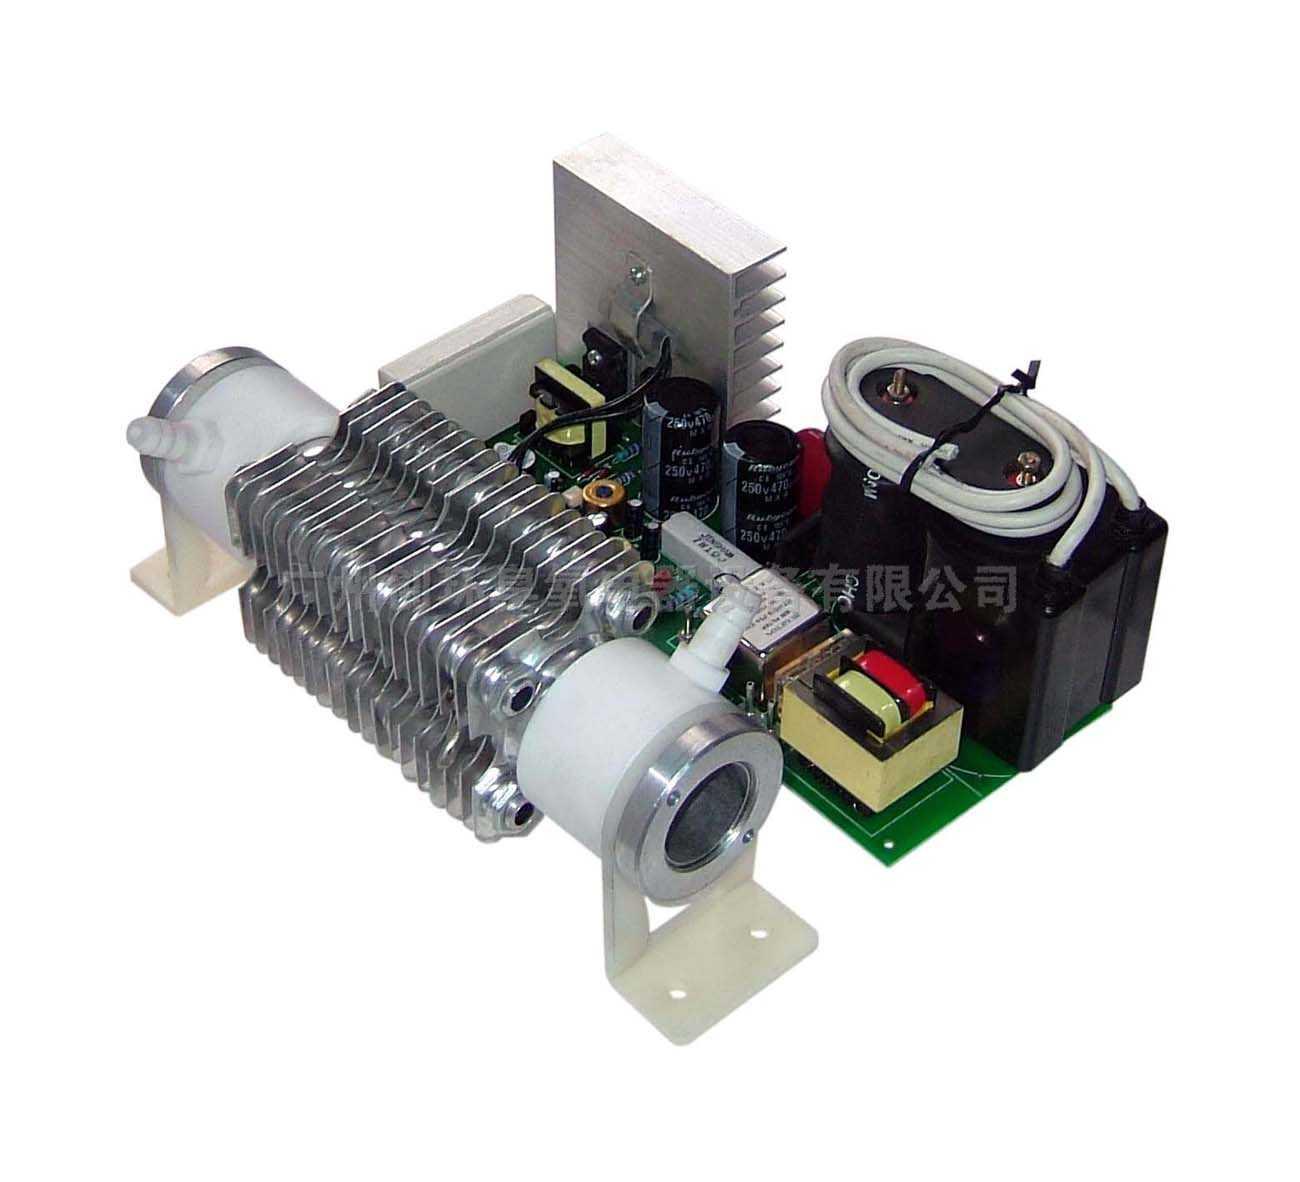 电路板 机器设备 1300_1182